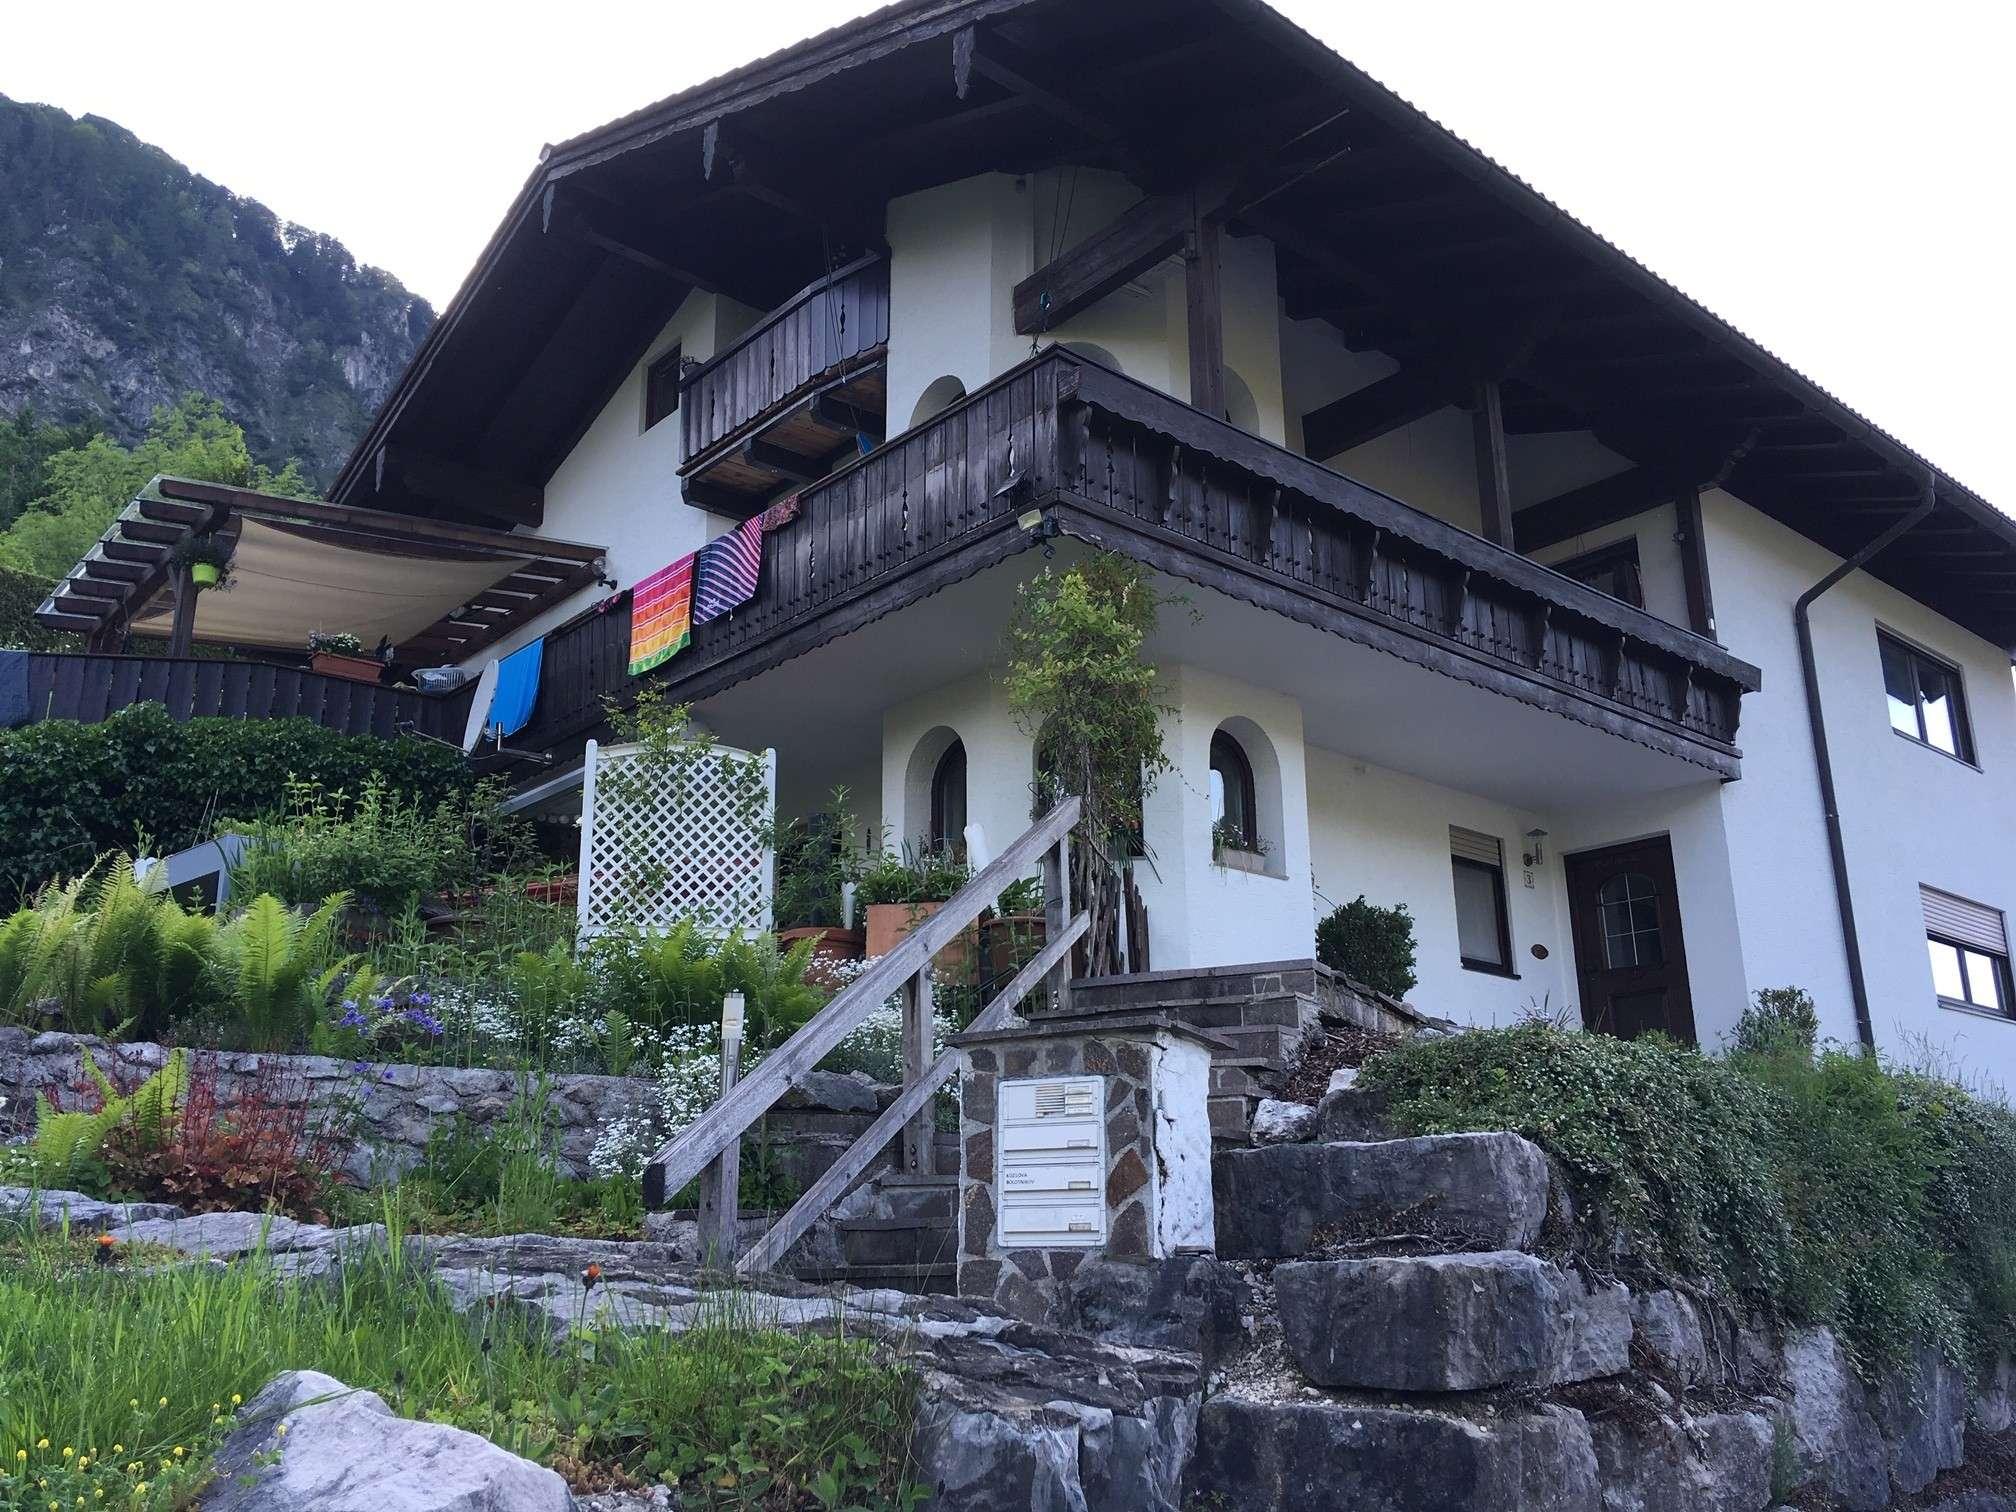 Stilvoll eingerichteten 2-Zimmer-Wohnung nahe Salzburg und Berchtesgaden